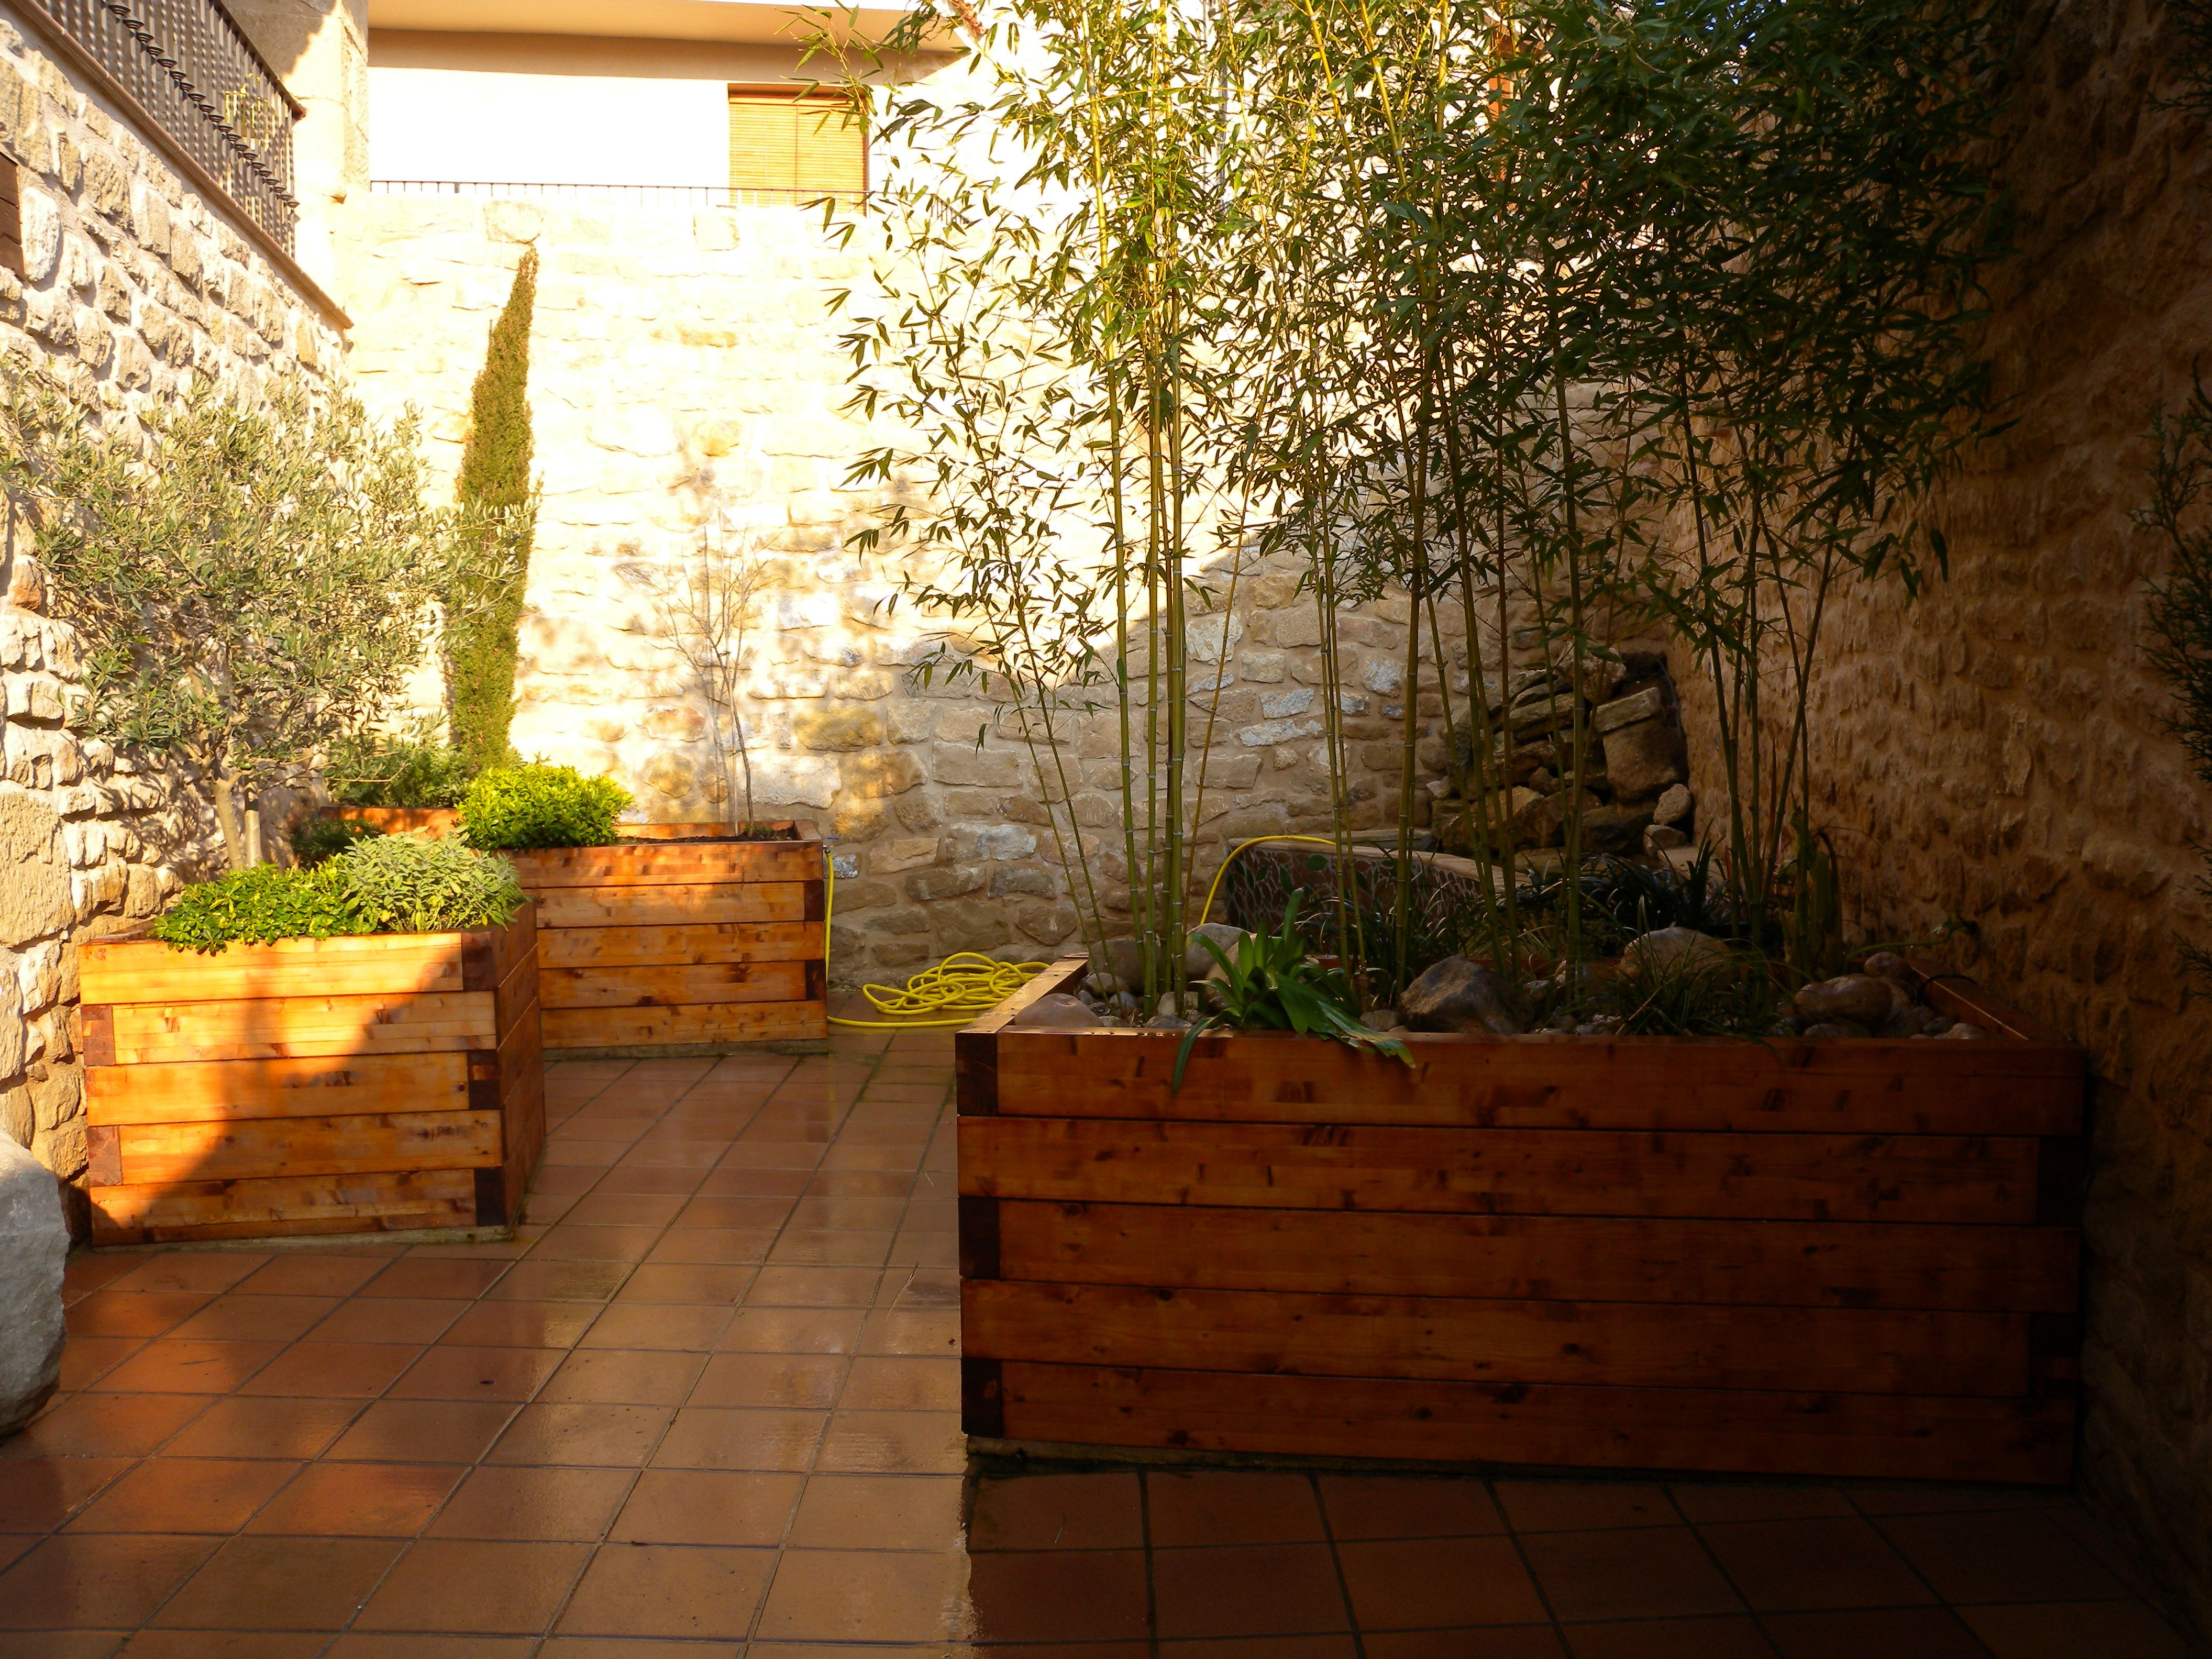 Patio interior con jardineras de madera jardineres for Barbacoa patio interior